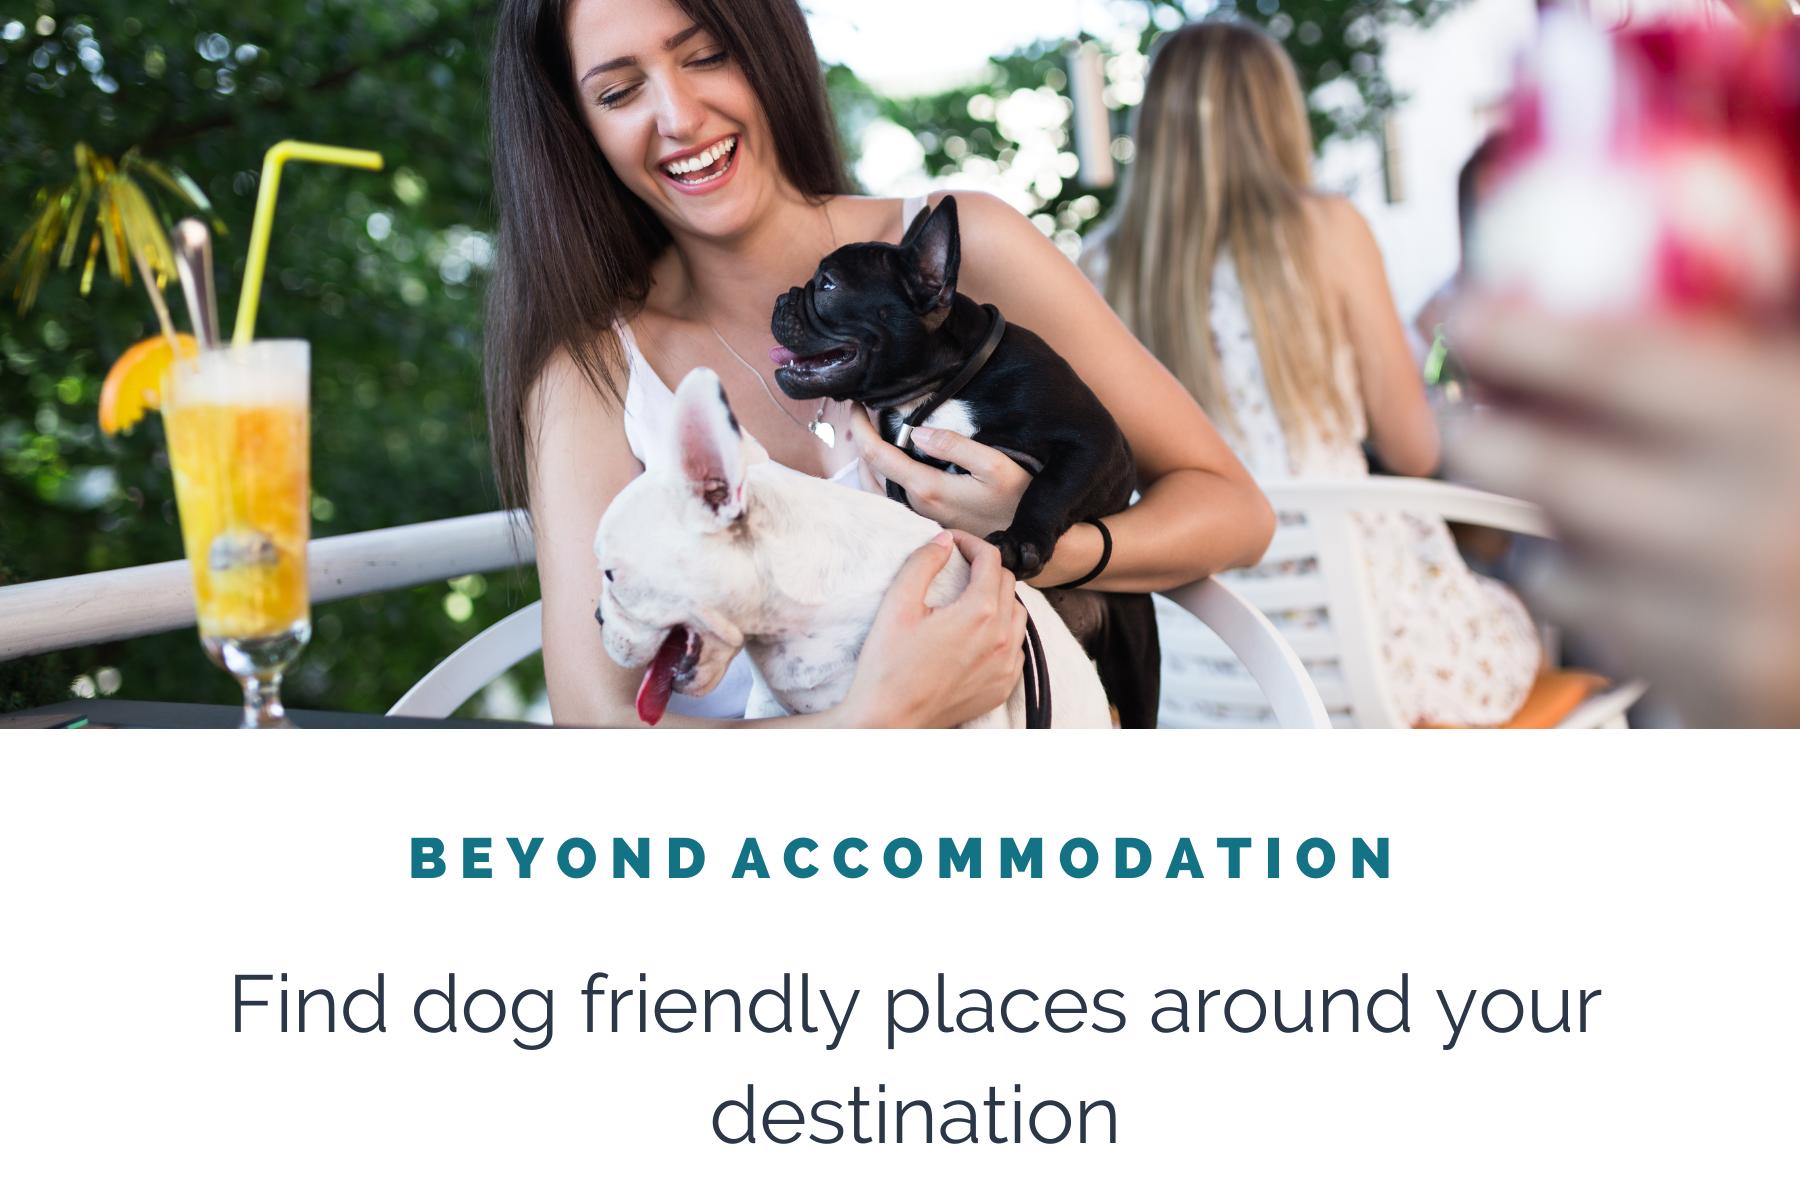 Beyond Accommodation